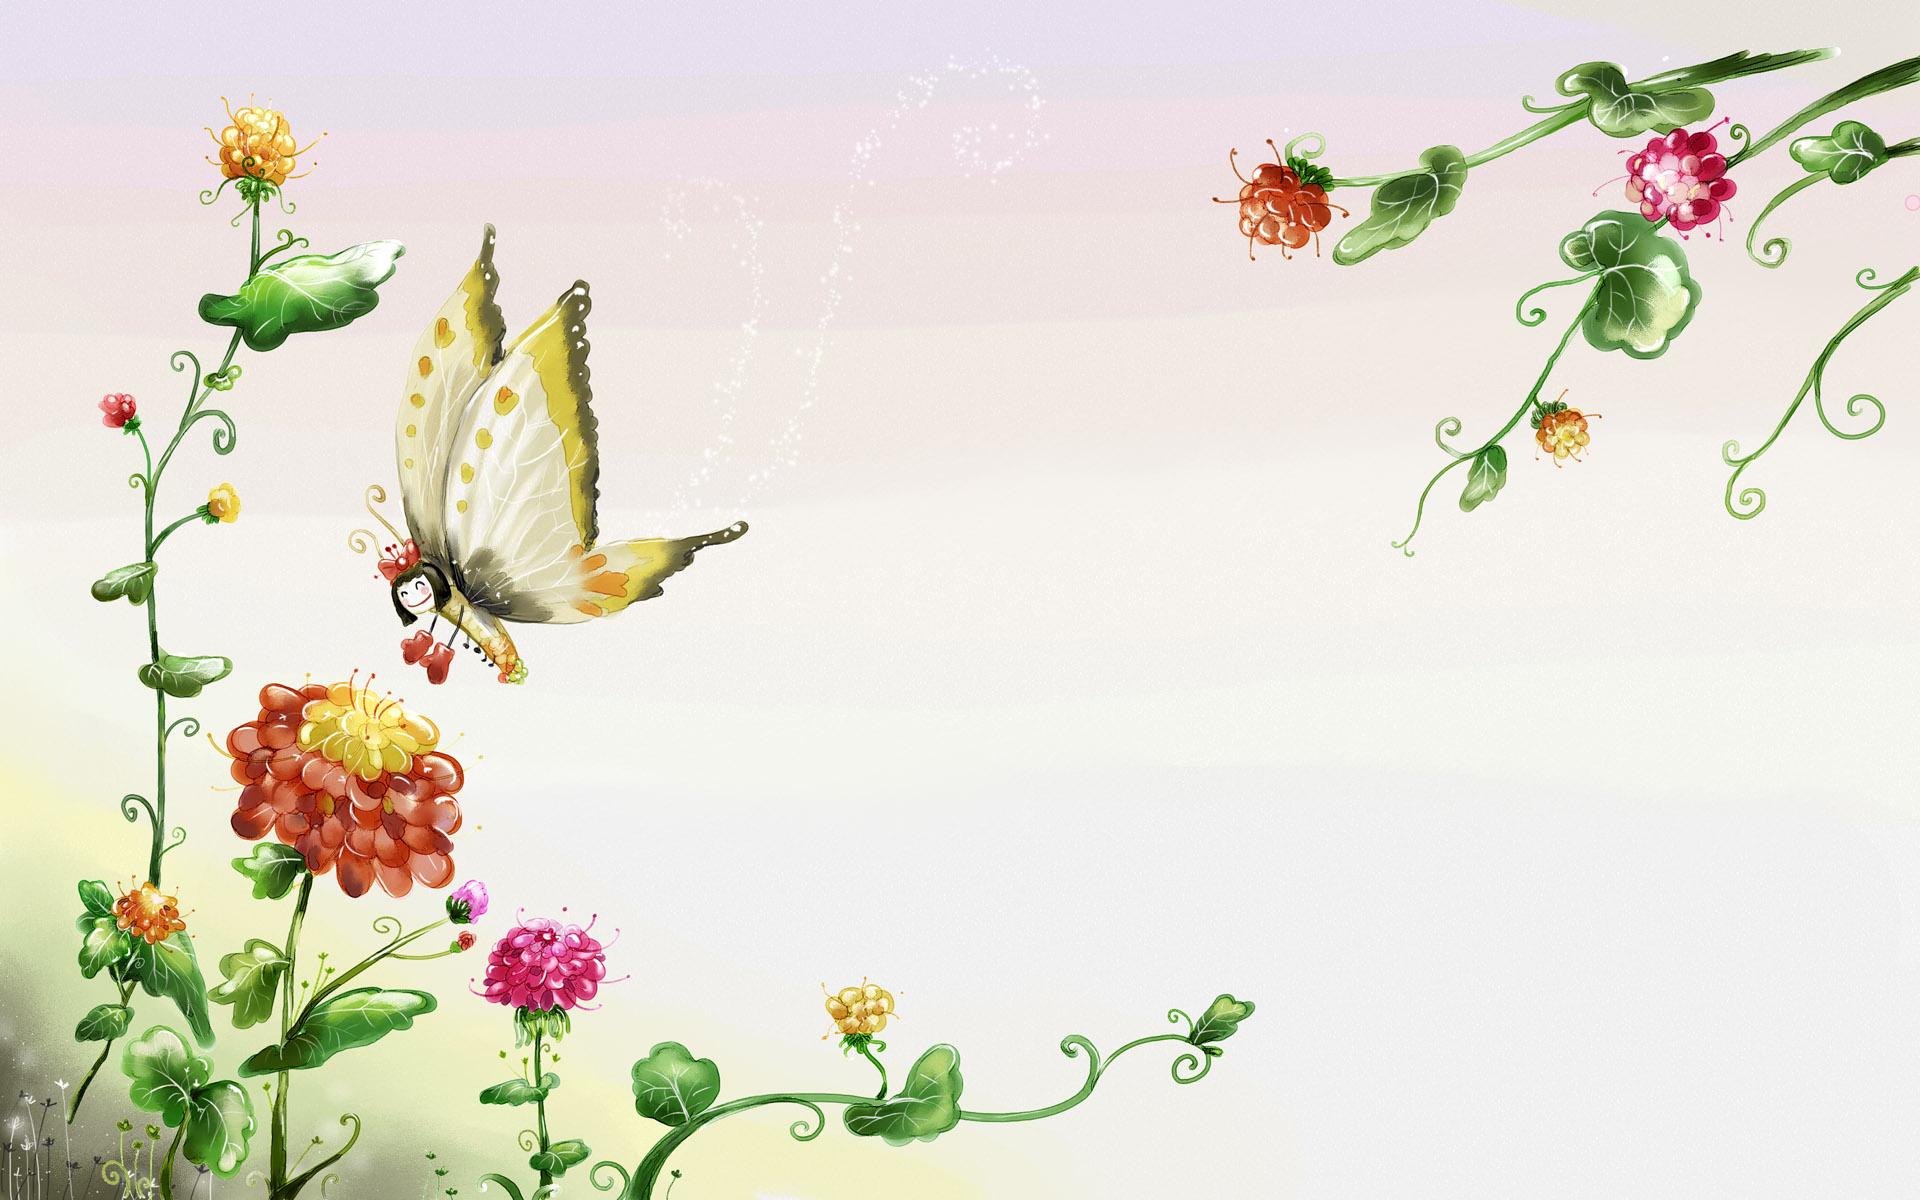 wallpaper desktop wallpapers top elf vintage butterfly 1920x1200